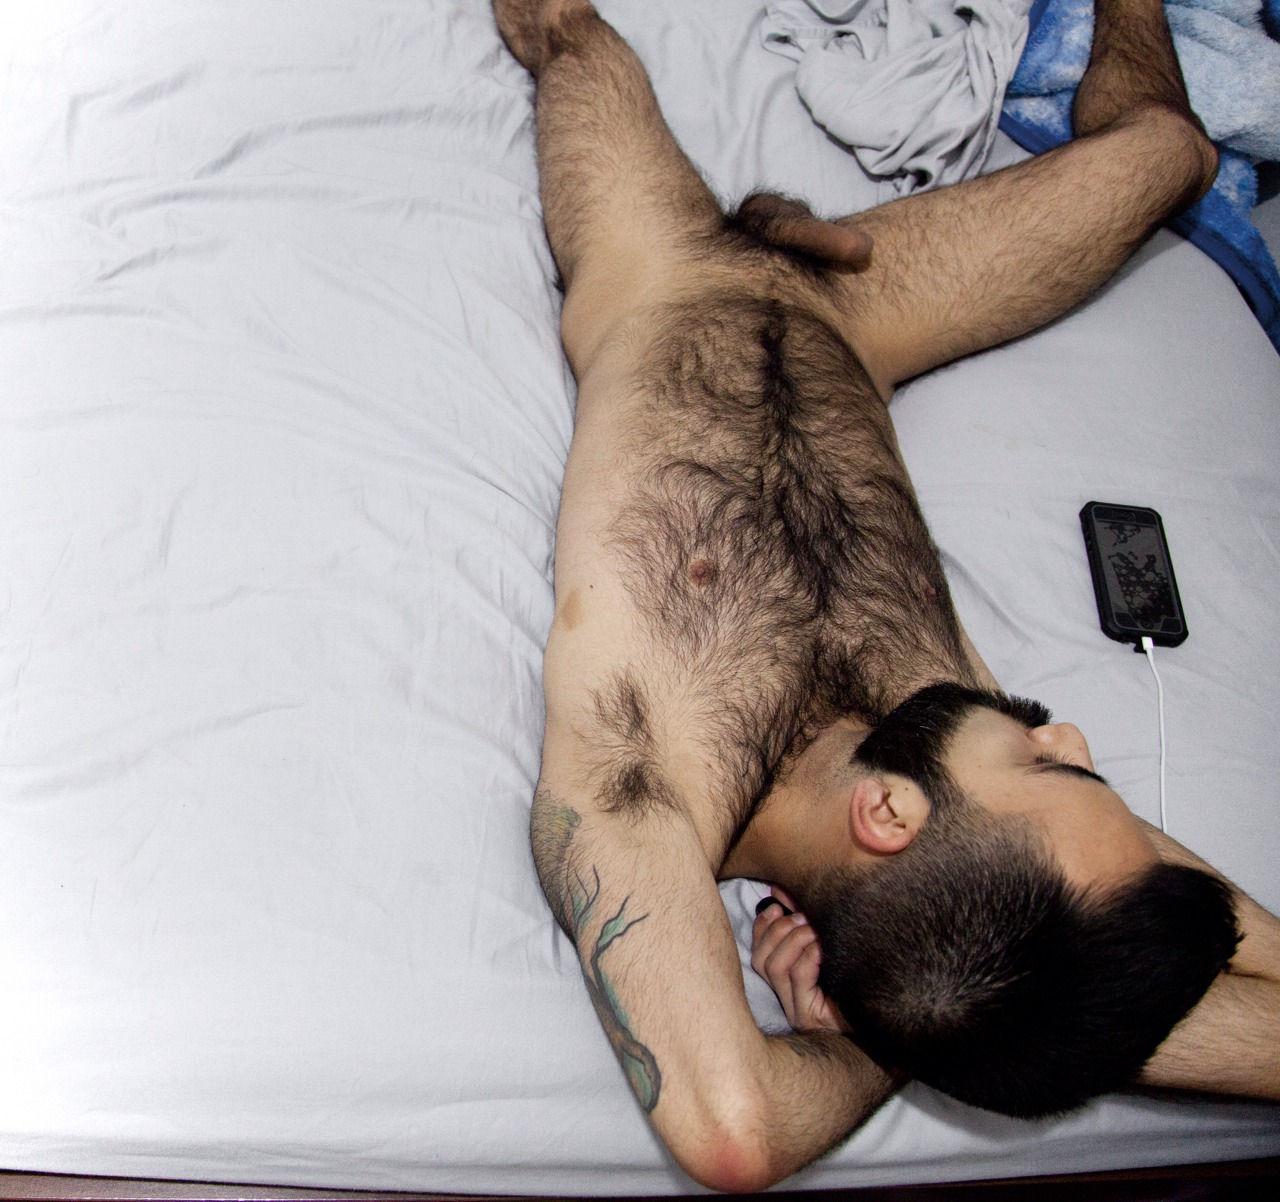 gay torse poilu arabe defoncer